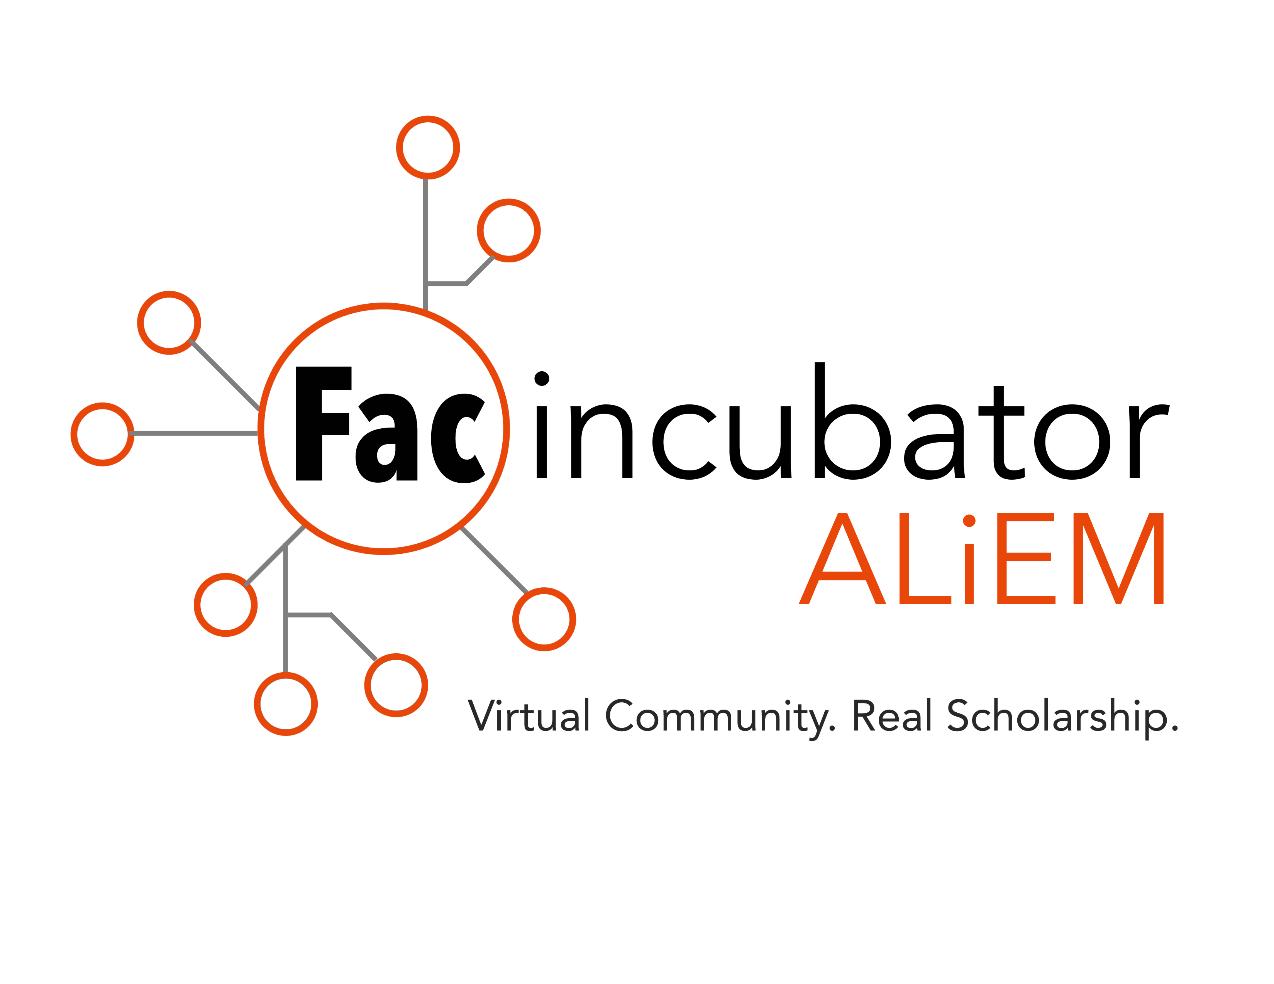 C:\Users\Mike\Desktop\Facincubator_logo4.png